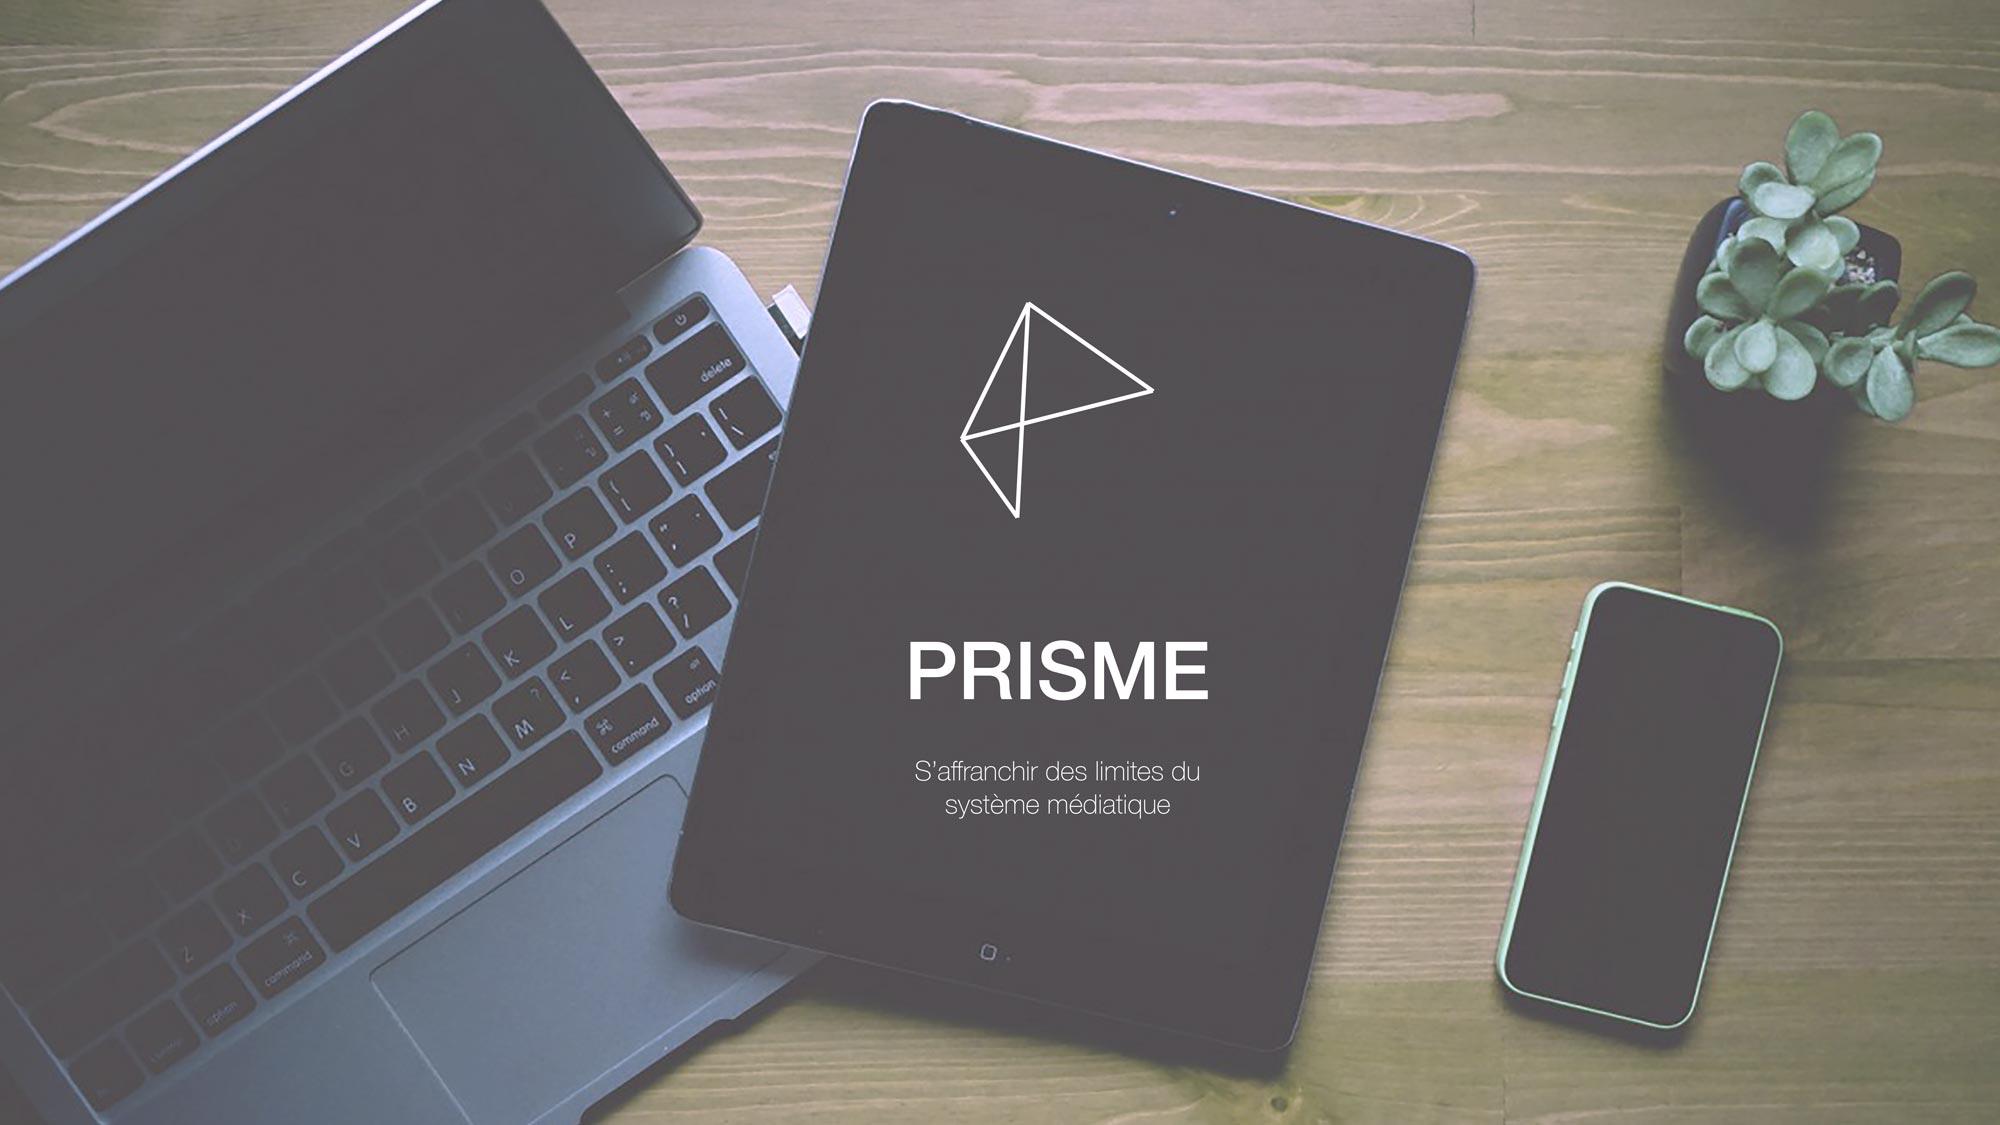 Découvrez l'application Prisme, projet lauréat Prix Design & Science 2019